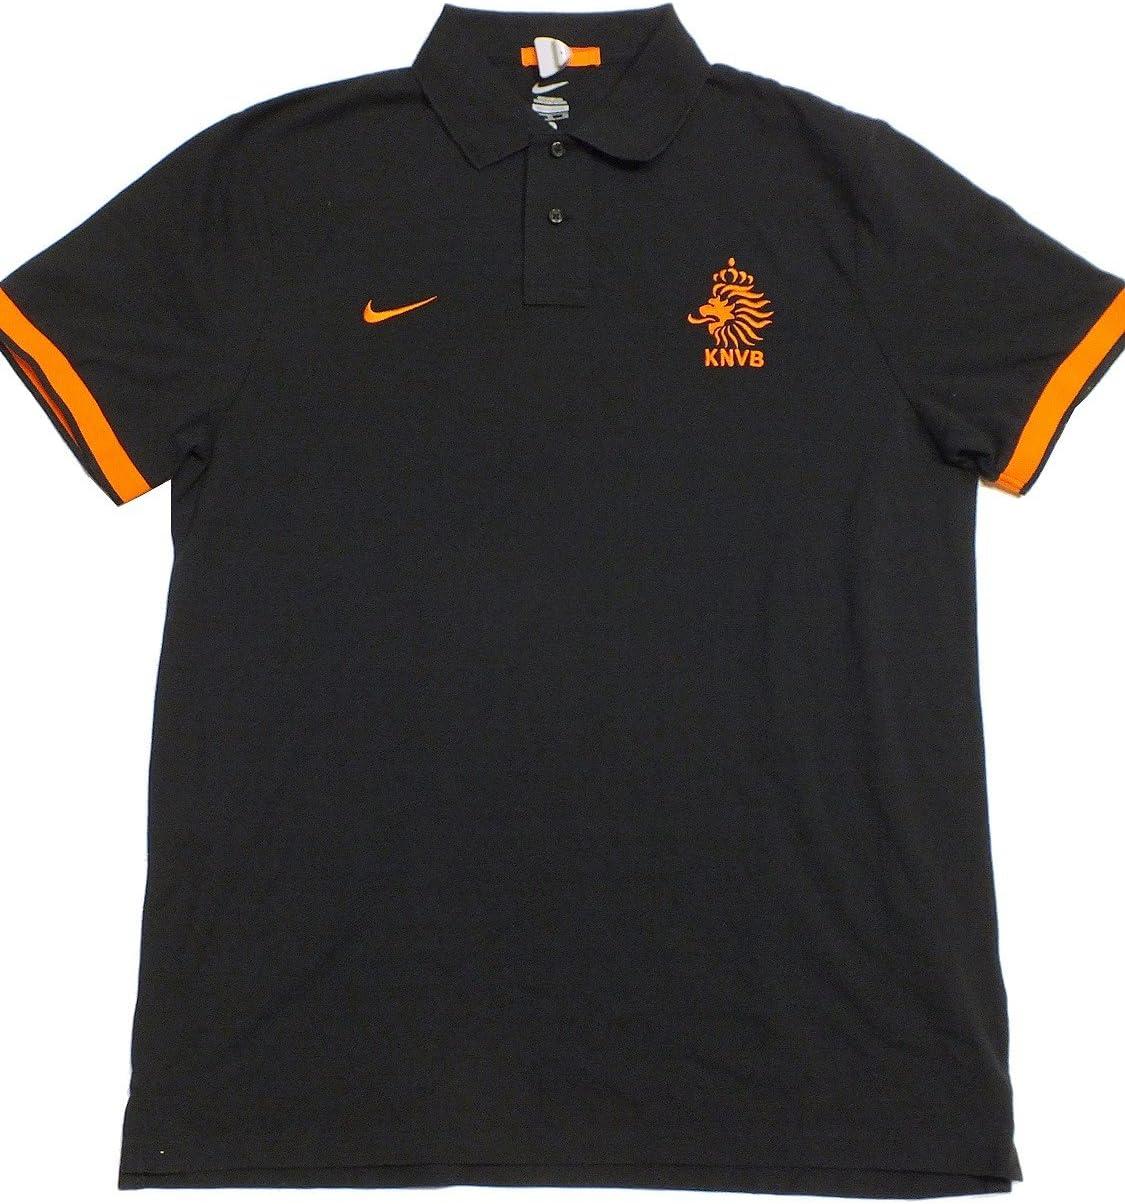 Holanda Nike Polo de hombre talla S negro 450392 011: Amazon.es ...